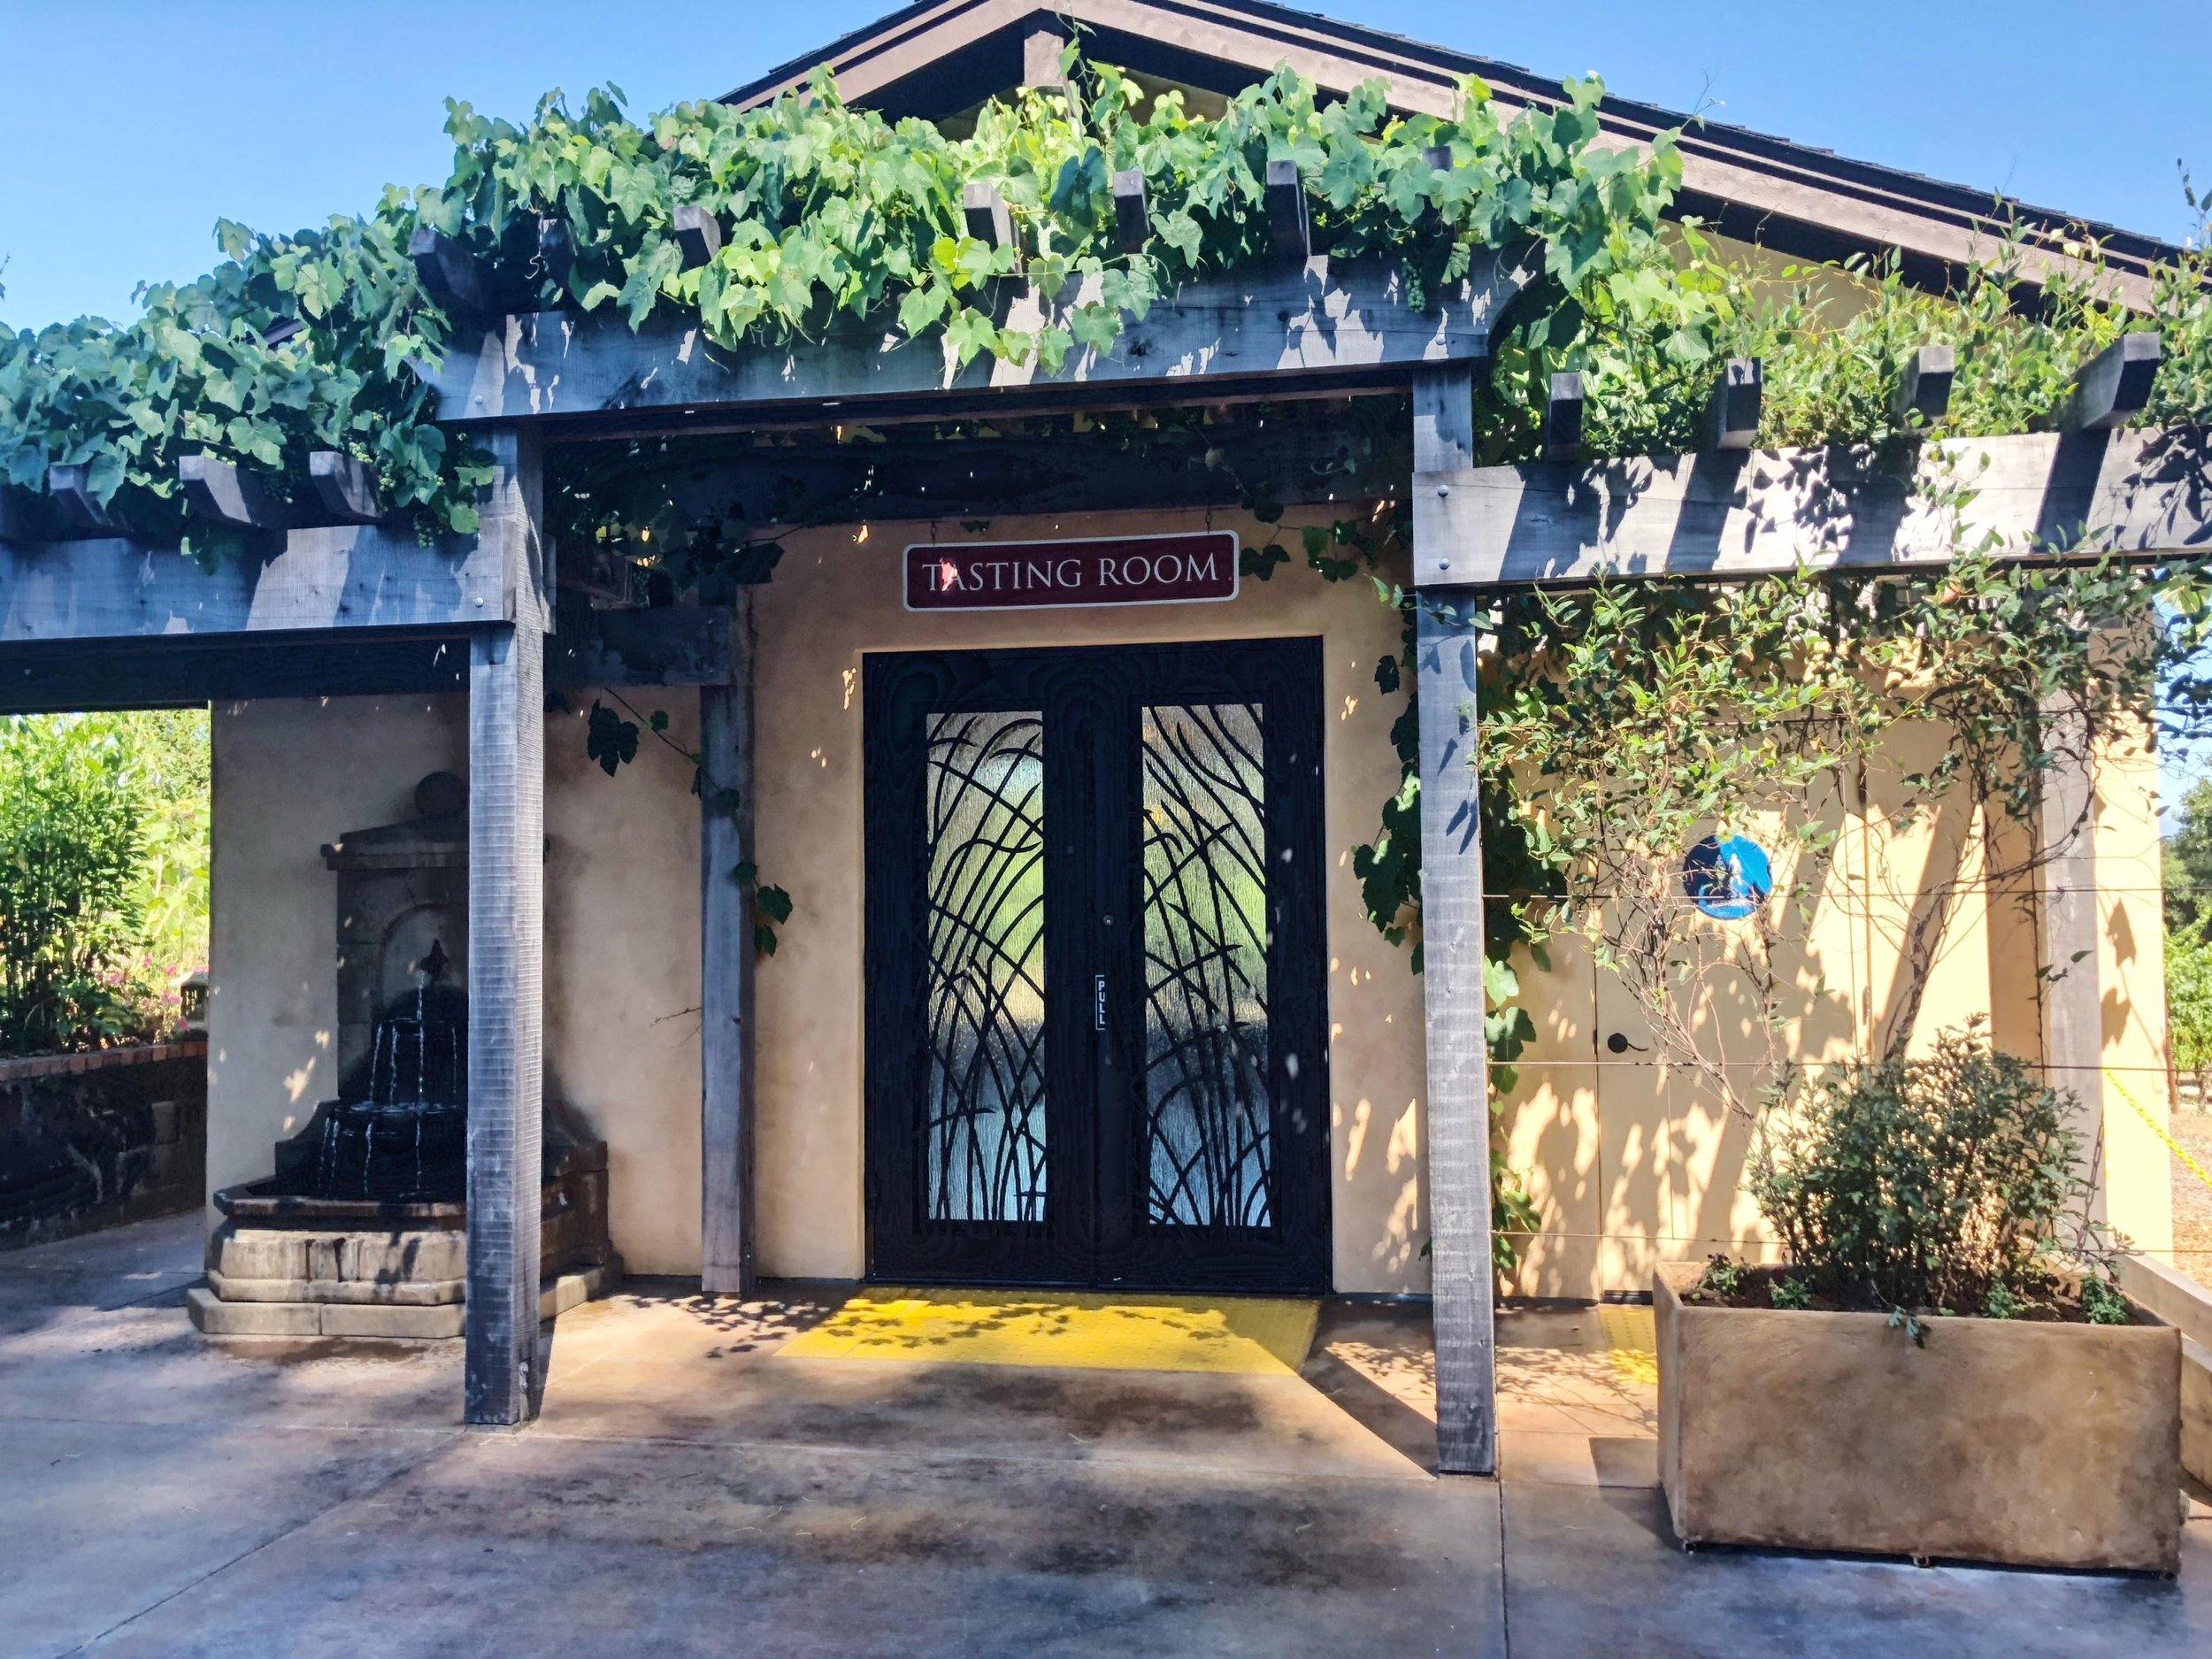 Tasting Room Square Peg Winery Occidental